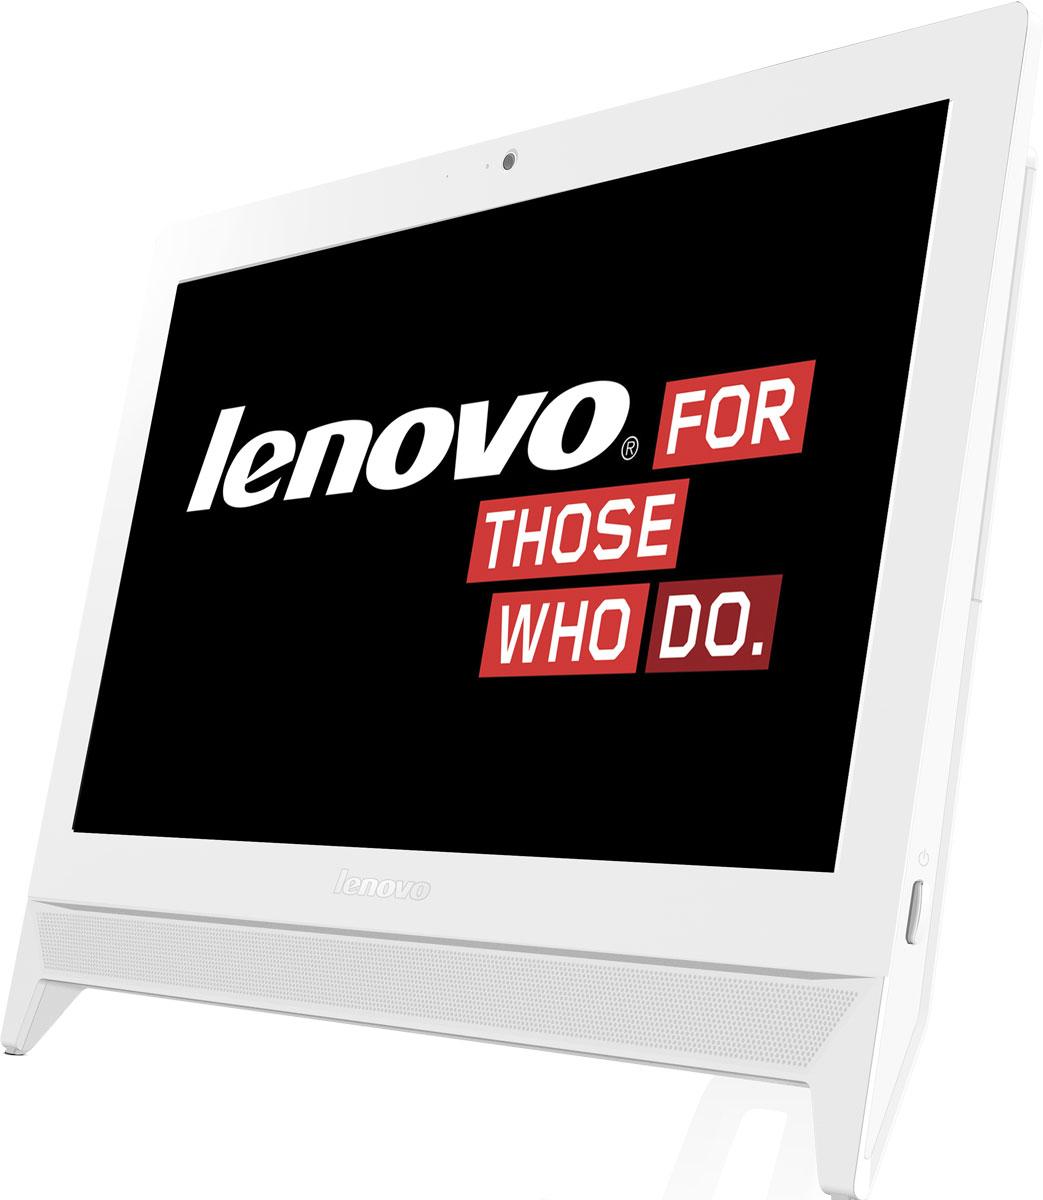 Lenovo C20-00, White моноблок (F0BB00YERK)F0BB00YERKПусть этот тонкий и изящный моноблок станет вашим новым домашним ПК. Lenovo C20-00, оснащенный новейшим процессором, совмещает функциональность, производительность и привлекательную цену. Благодаря стереофоническим динамикам и выходу HDMI, этот компьютер можно использовать в качестве домашнего развлекательного центра, обеспечивающего четкое изображение и высочайшее качество воспроизведения звука. Дисплей C20-00 занимает очень мало места на вашем столе, стойке или в развлекательном центре. Великолепный 19,5-дюймовый дисплей за счет удобной системы фиксации кабелей занимает минимум места. Ощутите эффект полного присутствия при общении с друзьями и родственниками в видеочате с веб-камерой высокого разрешения 720p. Точные характеристики зависят от модификации. Моноблок сертифицирован EAC и имеет русифицированную клавиатуру и Руководство пользователя.